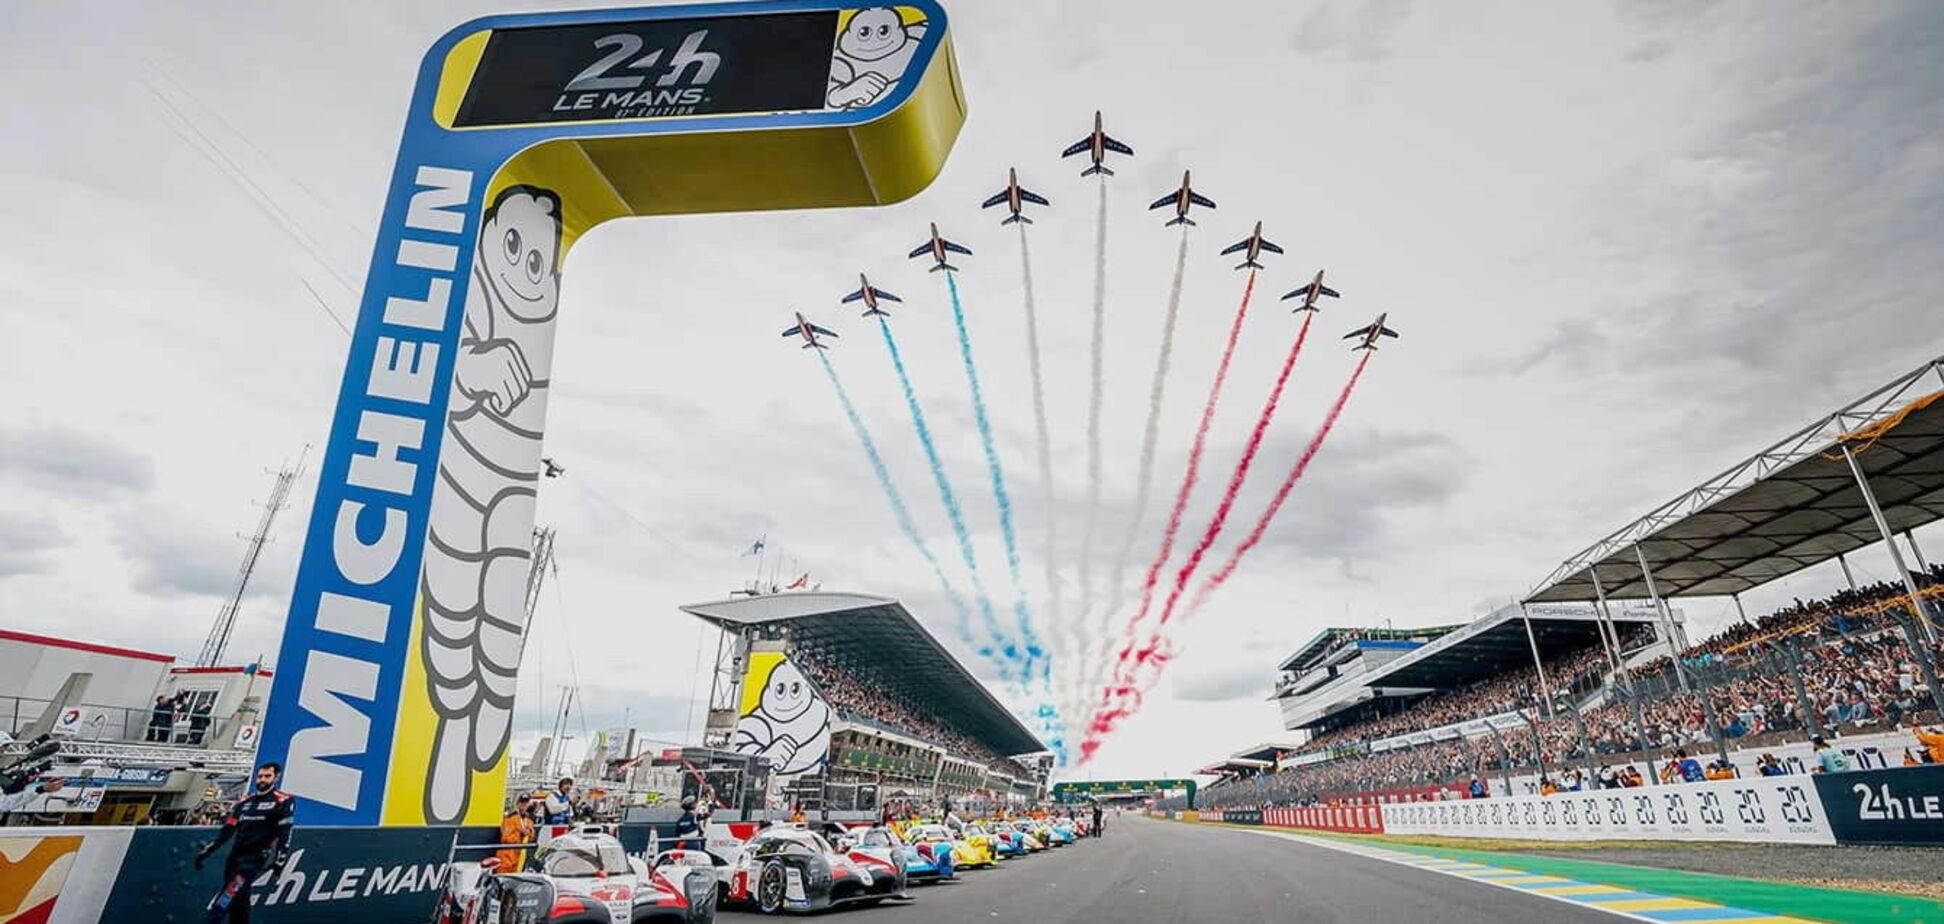 Бос Groupe PSA дасть старт 24-годинного марафону в Ле Мані